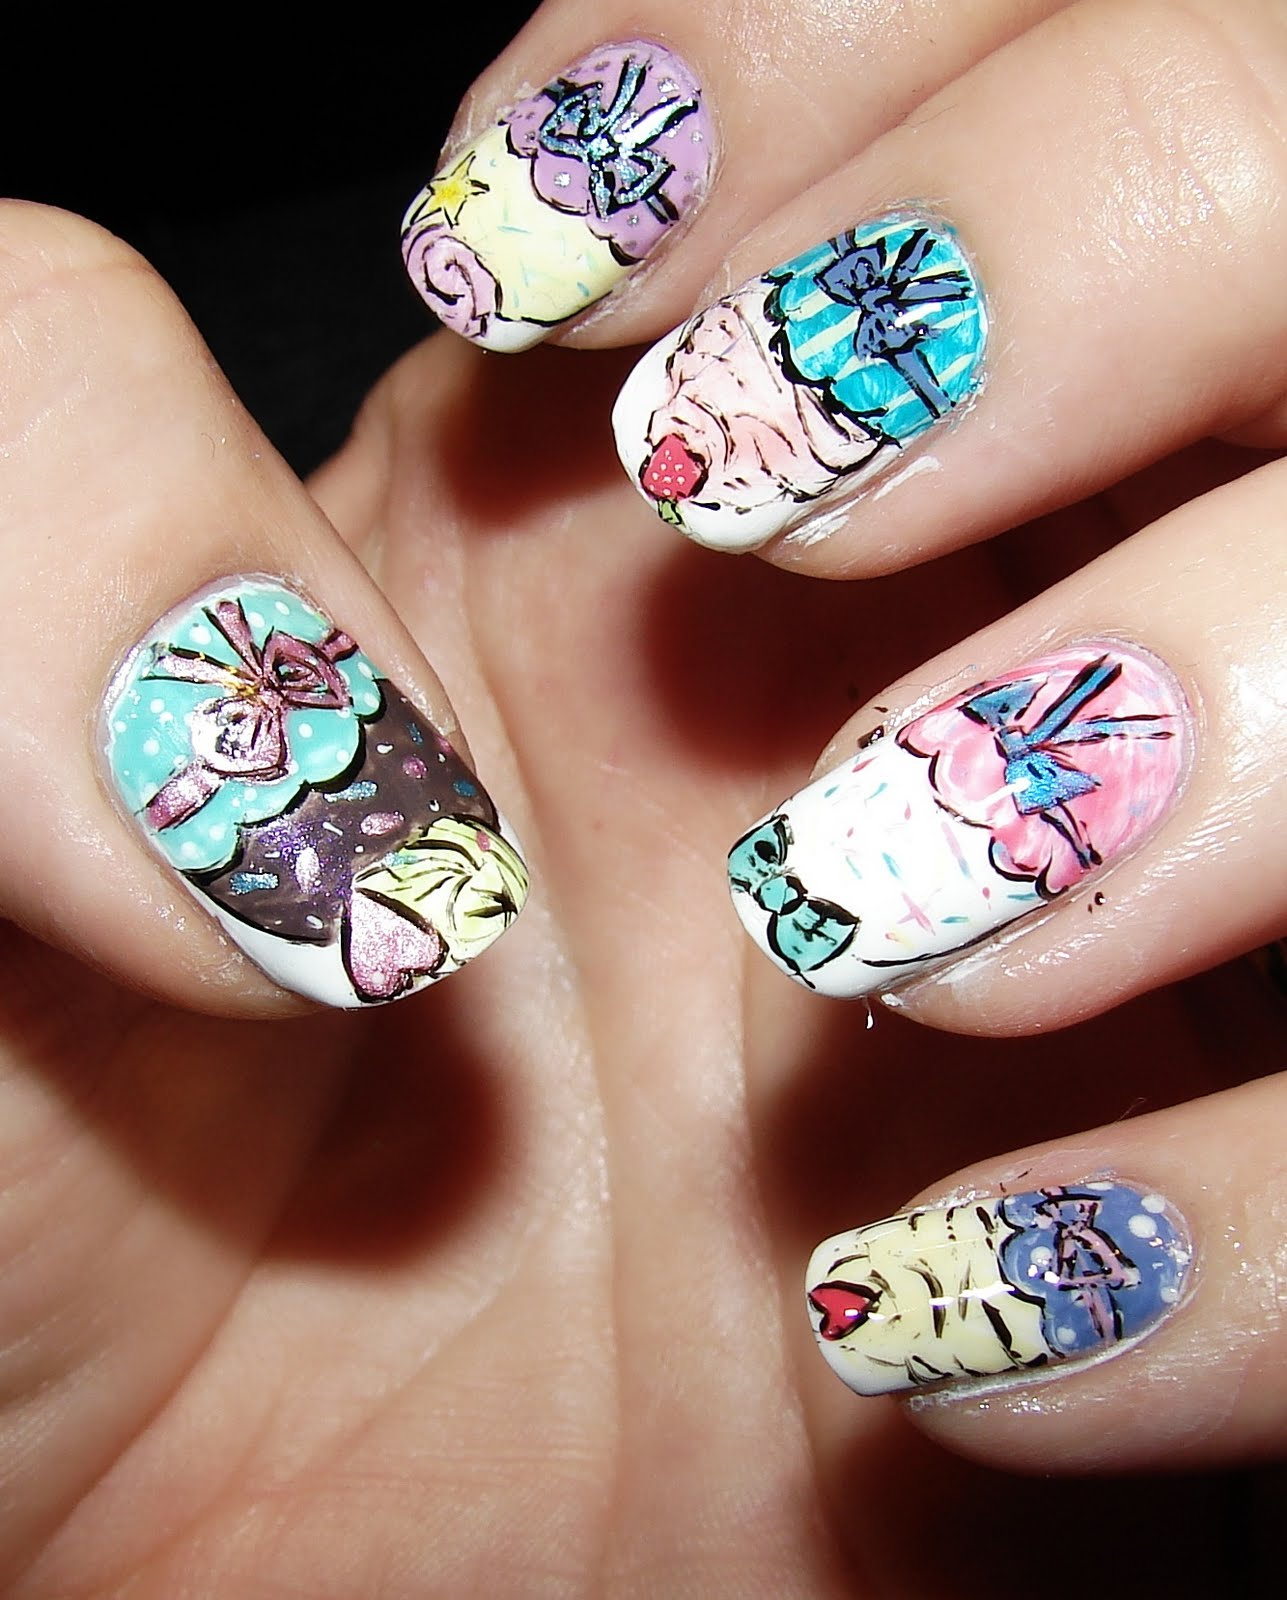 Kawaii Nail Art: Cupcake nail art - illustration style